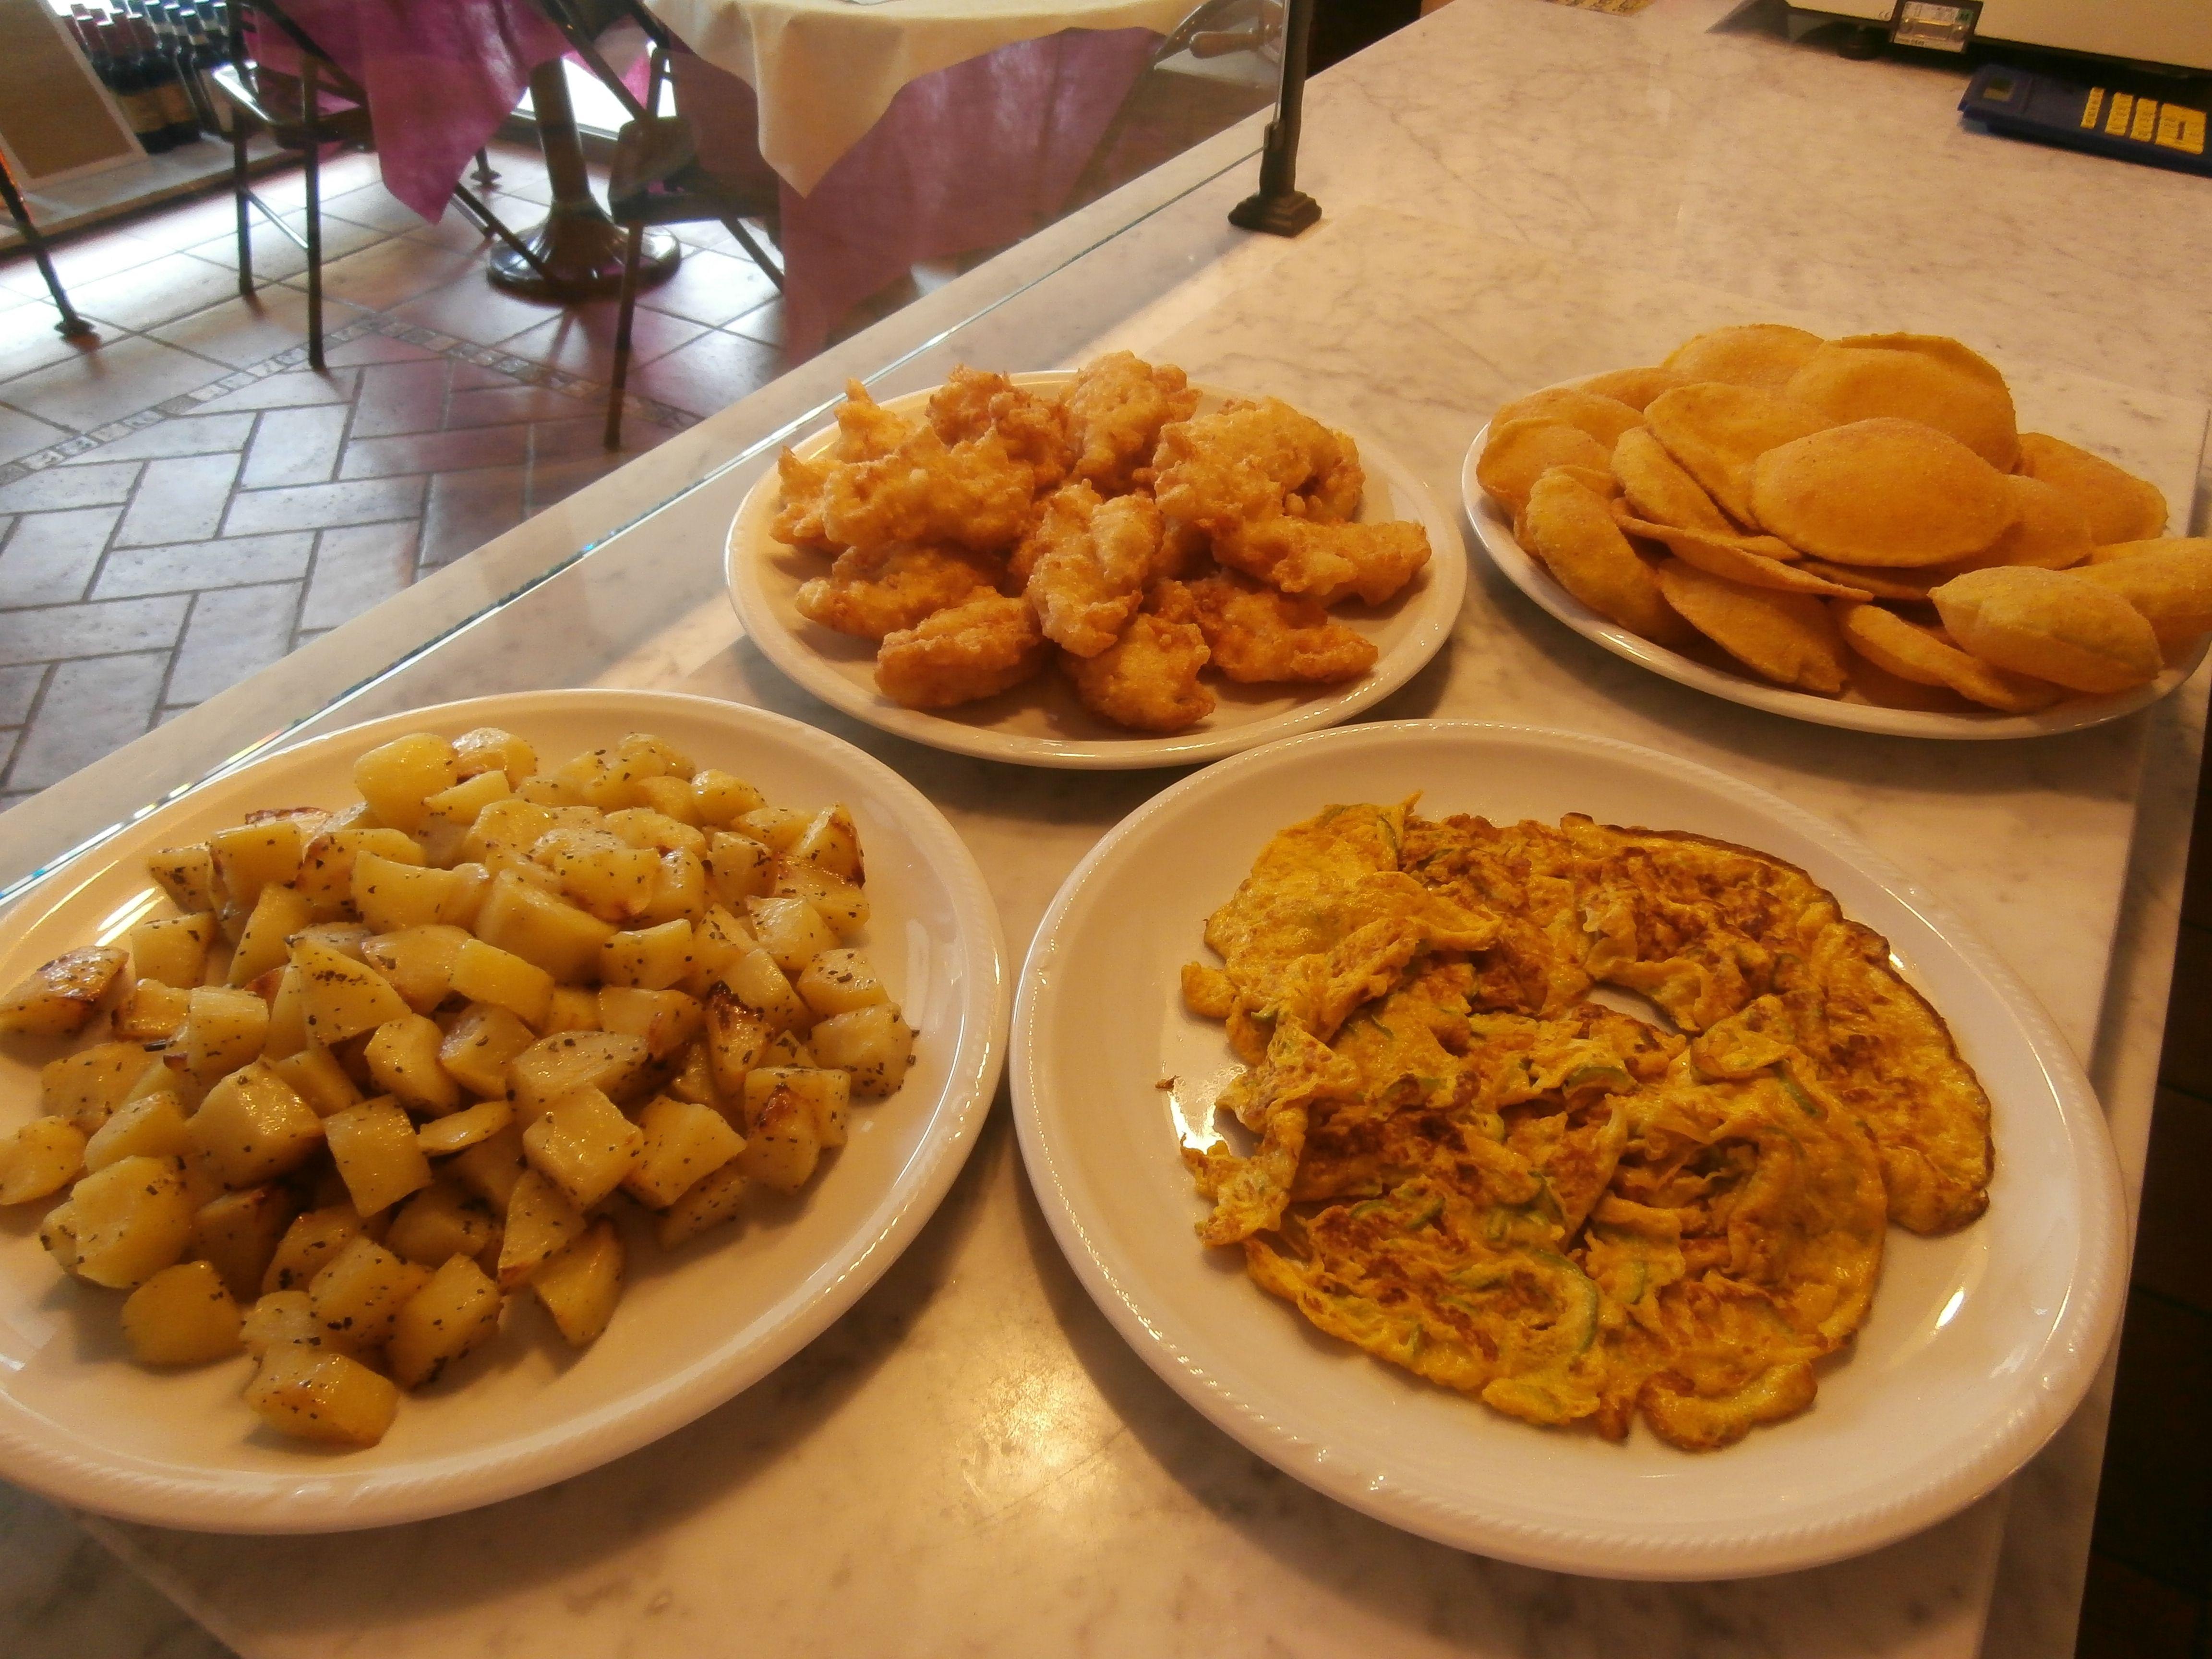 Frittelle di baccalà, melanzane fritte, frittata alle zucchine e patate al forno